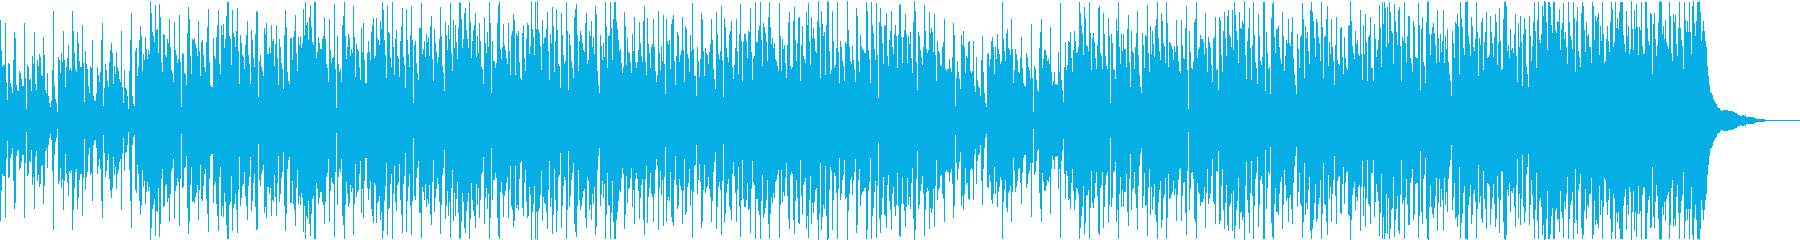 明るく軽快で楽しいウクレレの曲の再生済みの波形